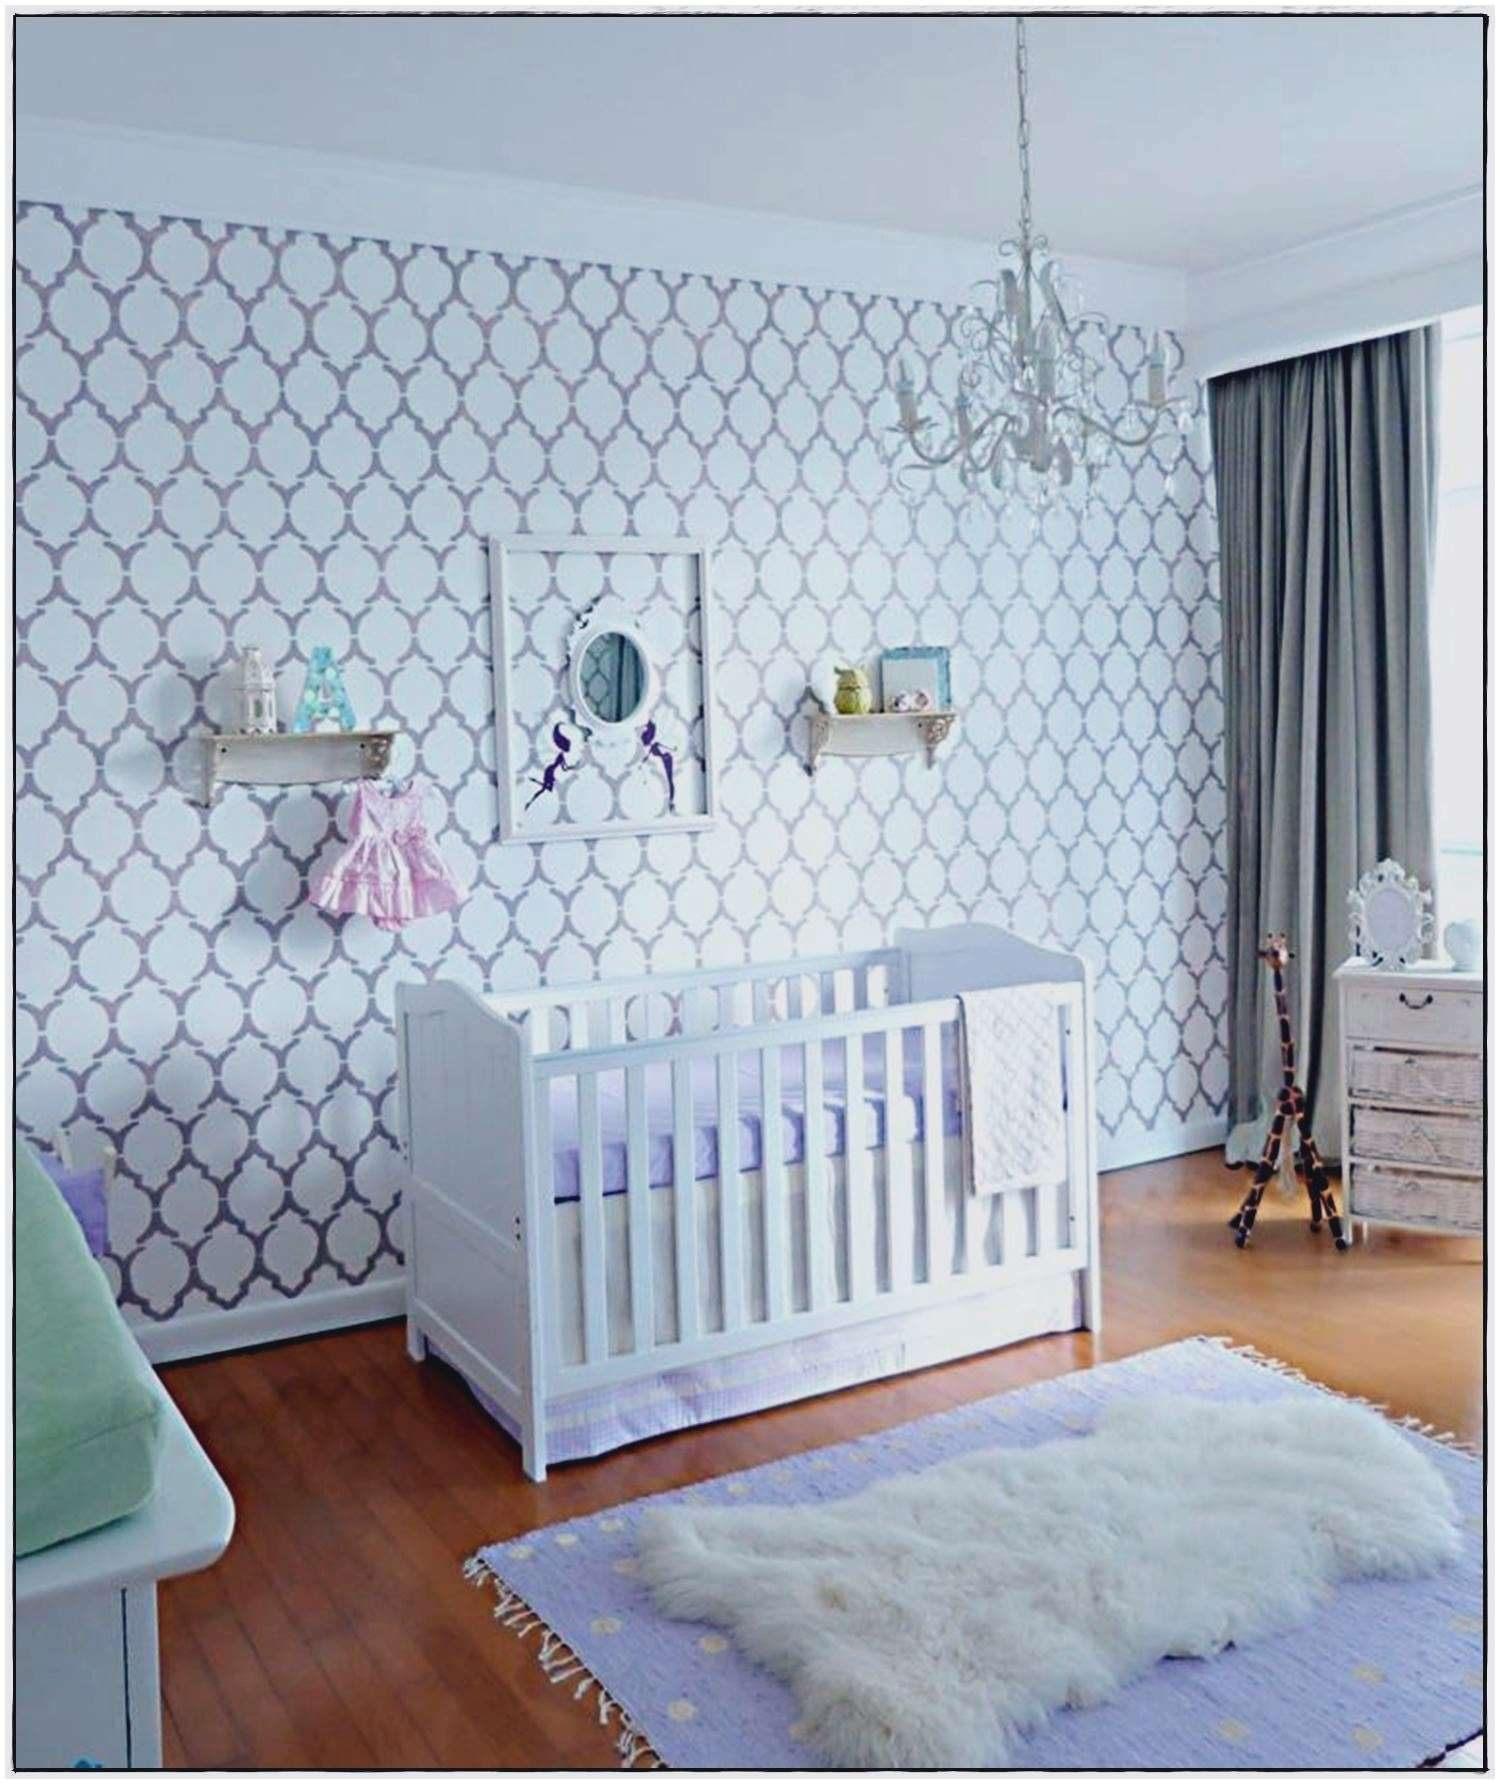 Lit Au sol Bébé Montessori Luxe Frais Haut 40 De Chambre Bébé Design Sch¨me Pour Excellent Peinture